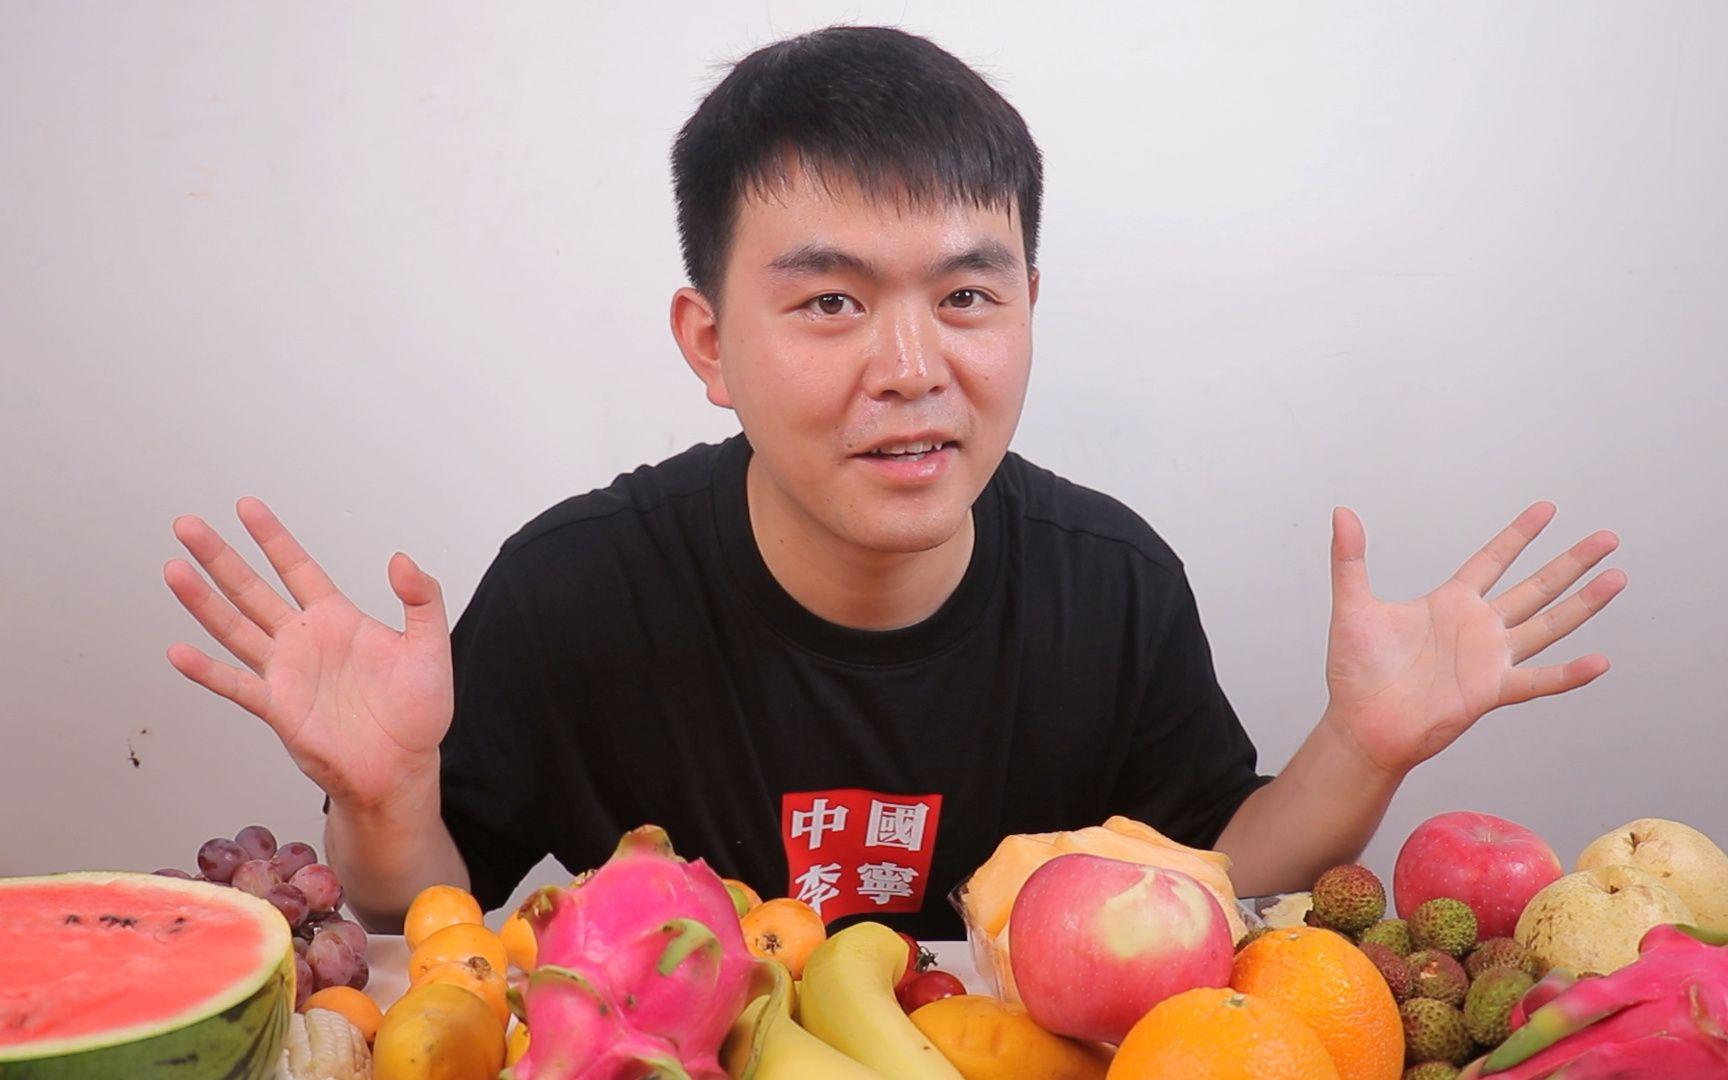 把市面上所有水果榨成汁是怎样的体验,网友:糖尿病都给你喝出来